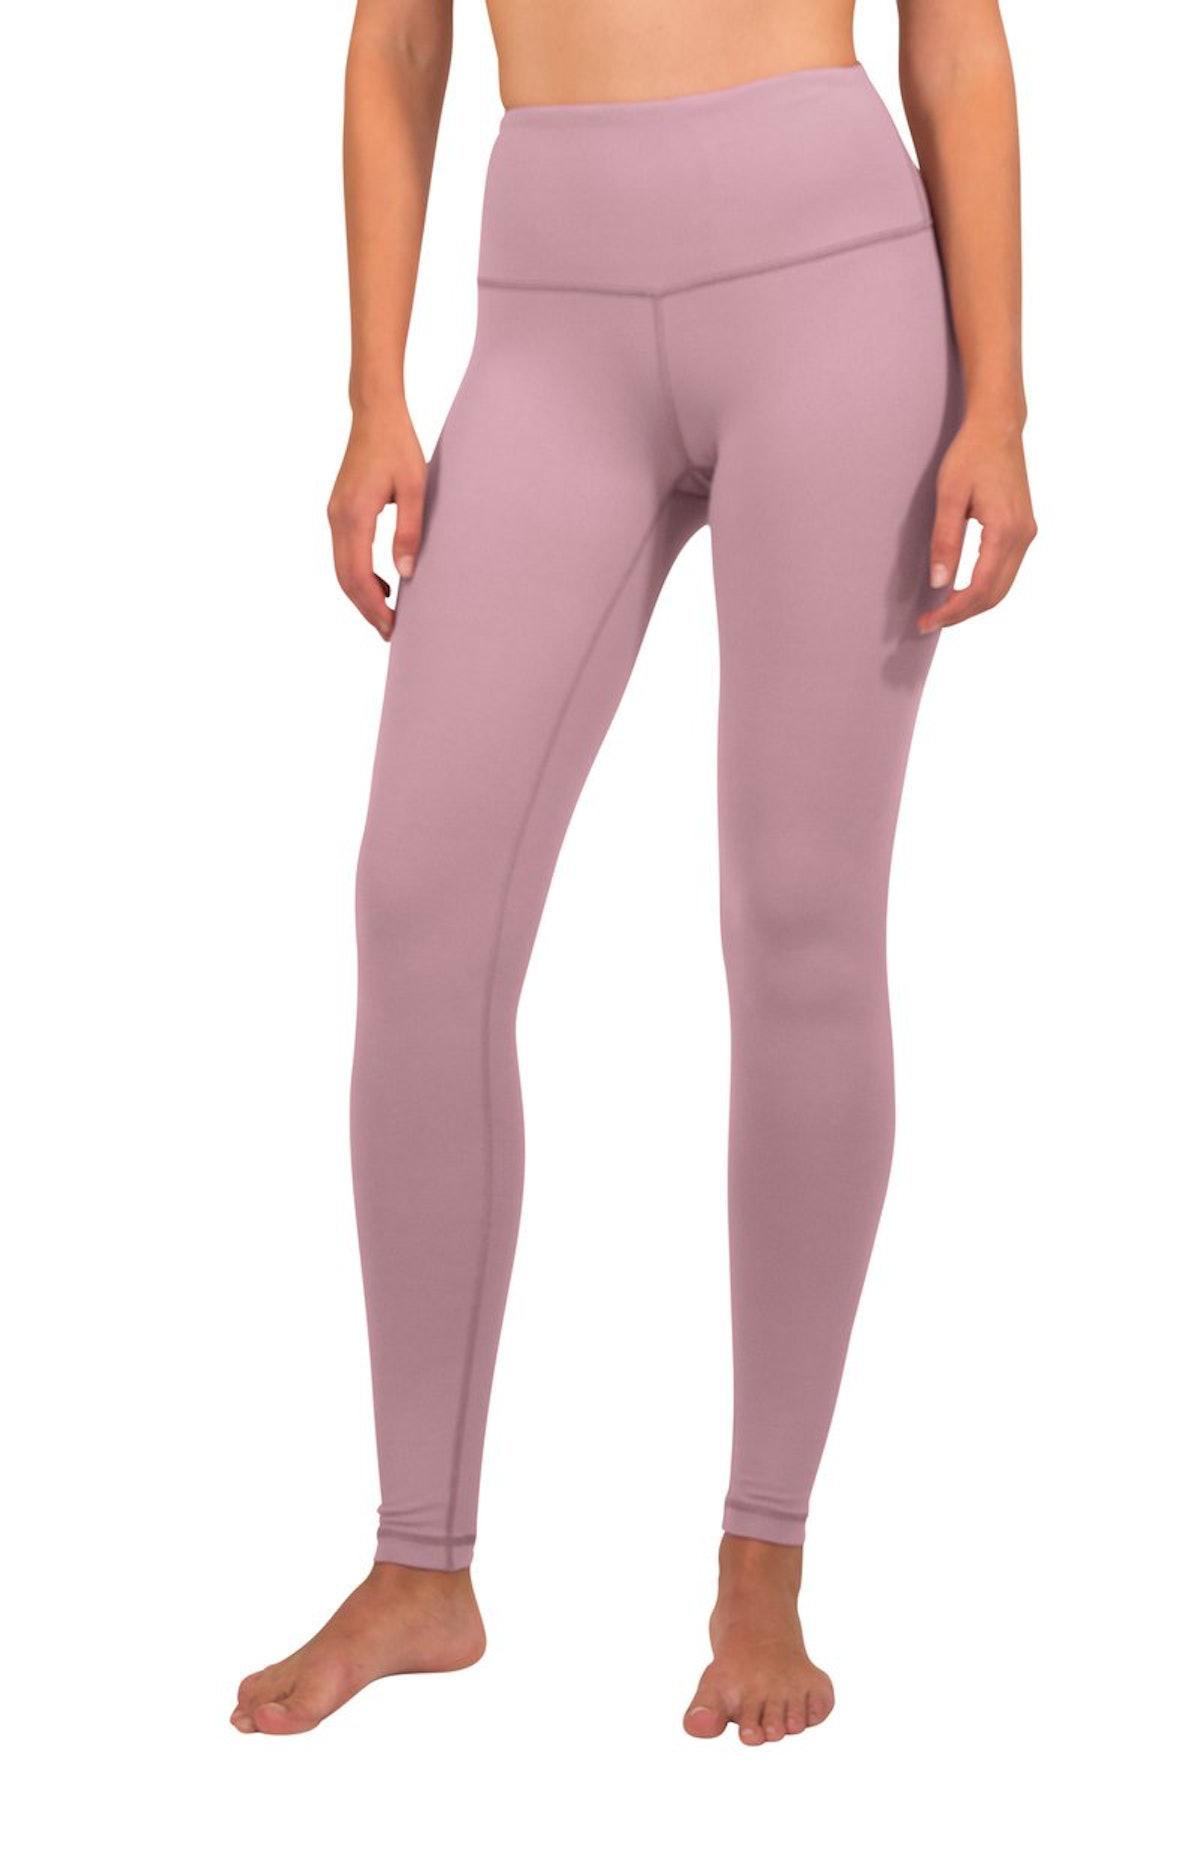 Squat-Proof Interlink Legging